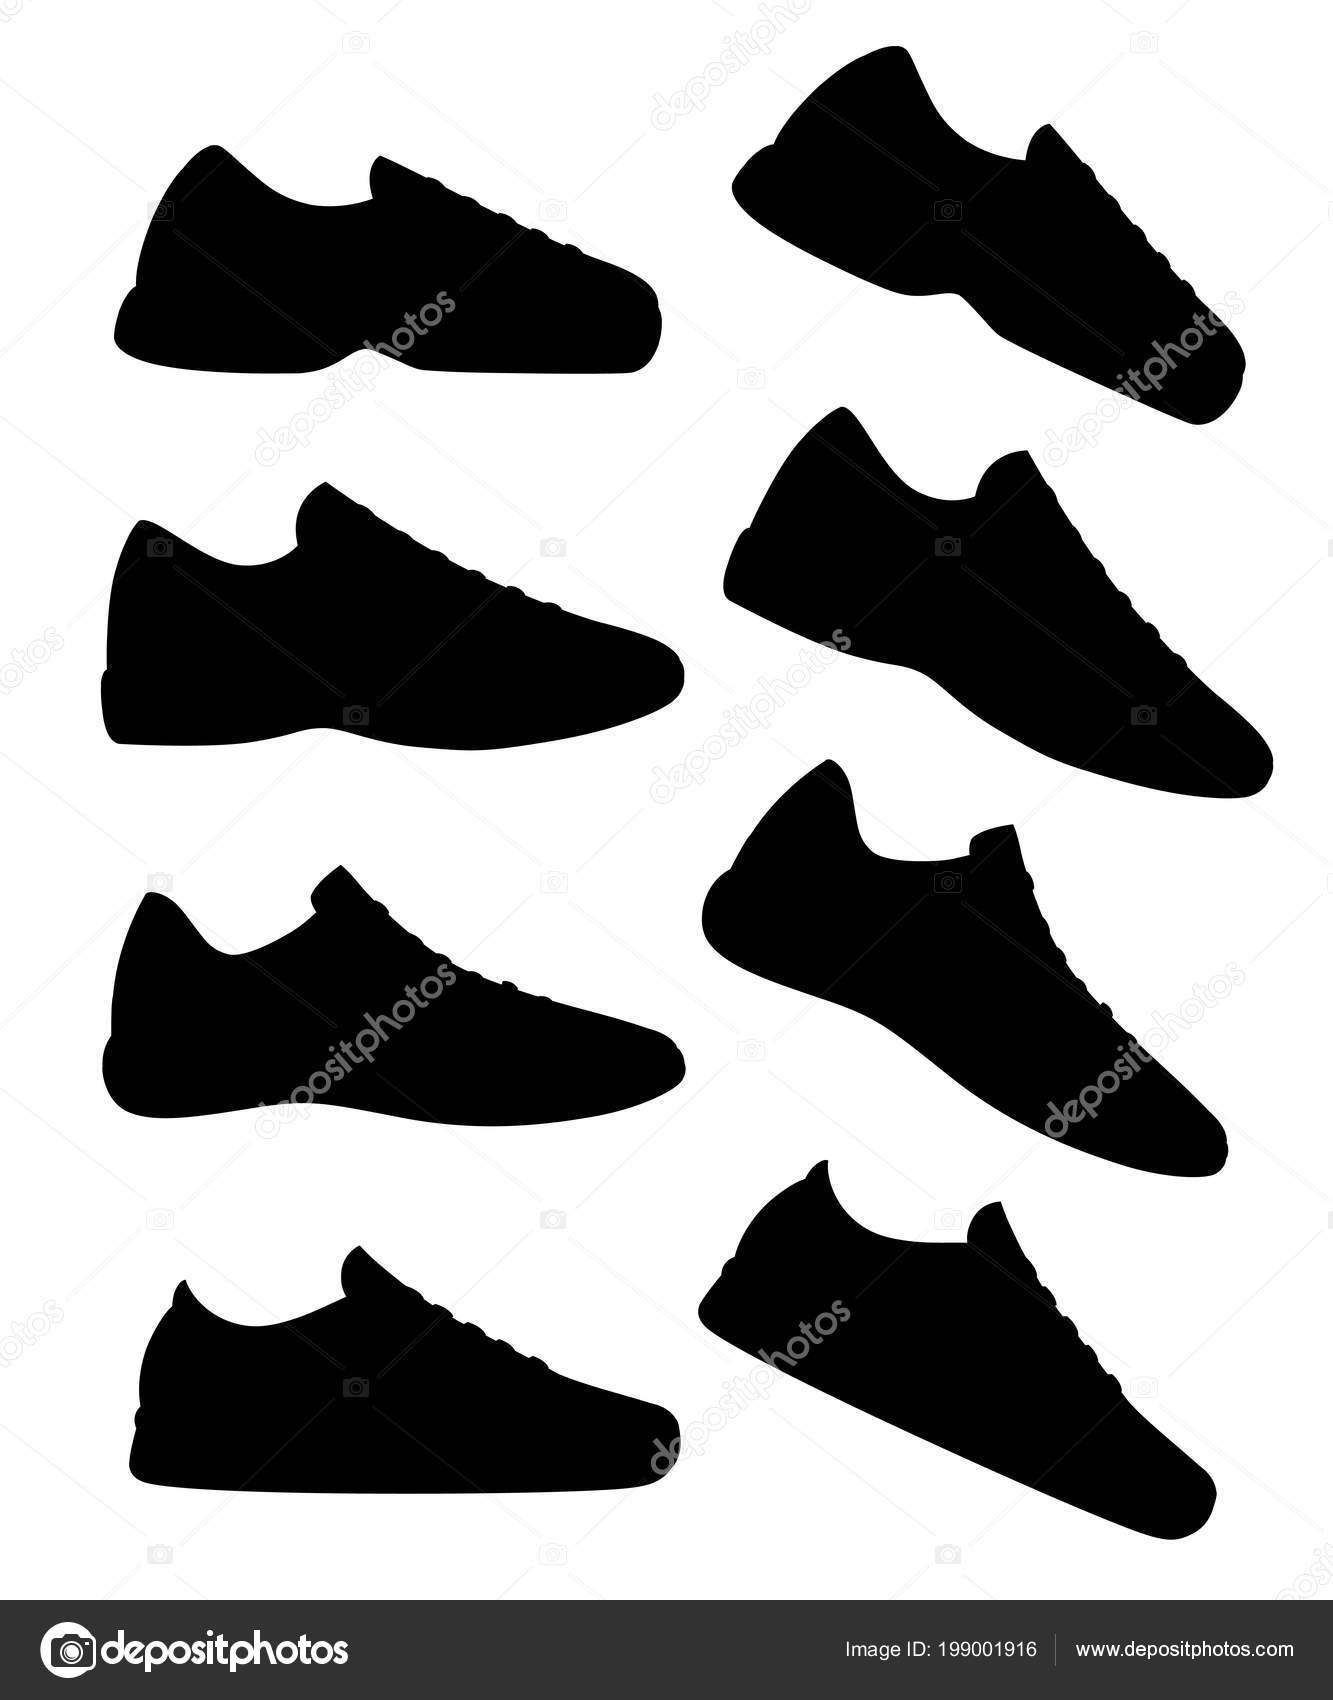 newest 732c8 87ba3 Schwarze Silhouette Sneaker Schuh Sportliche Sneakers Vektor ...